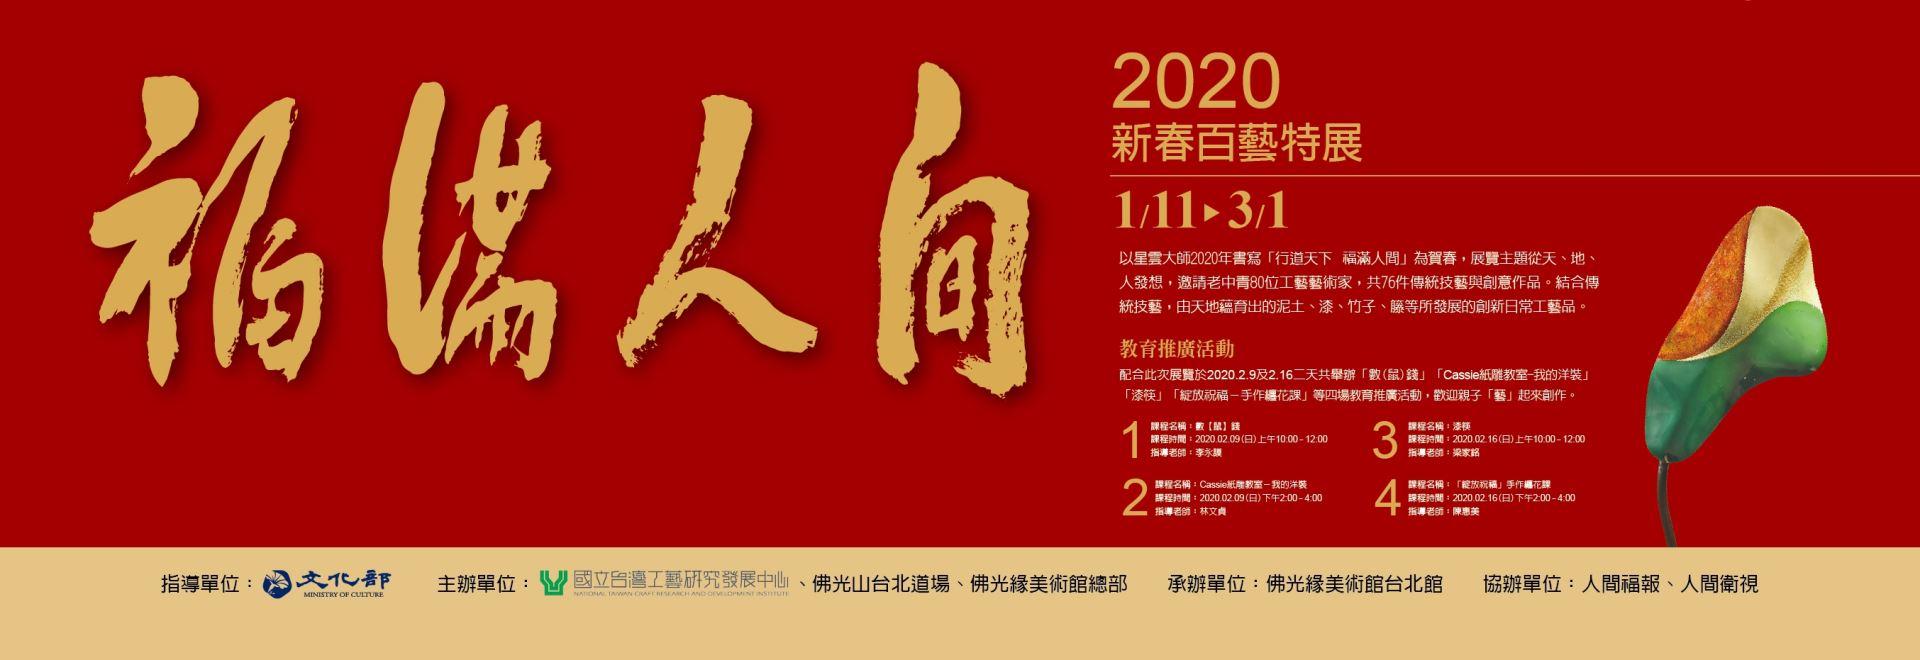 福滿人間-2020新春百藝特展「另開新視窗」